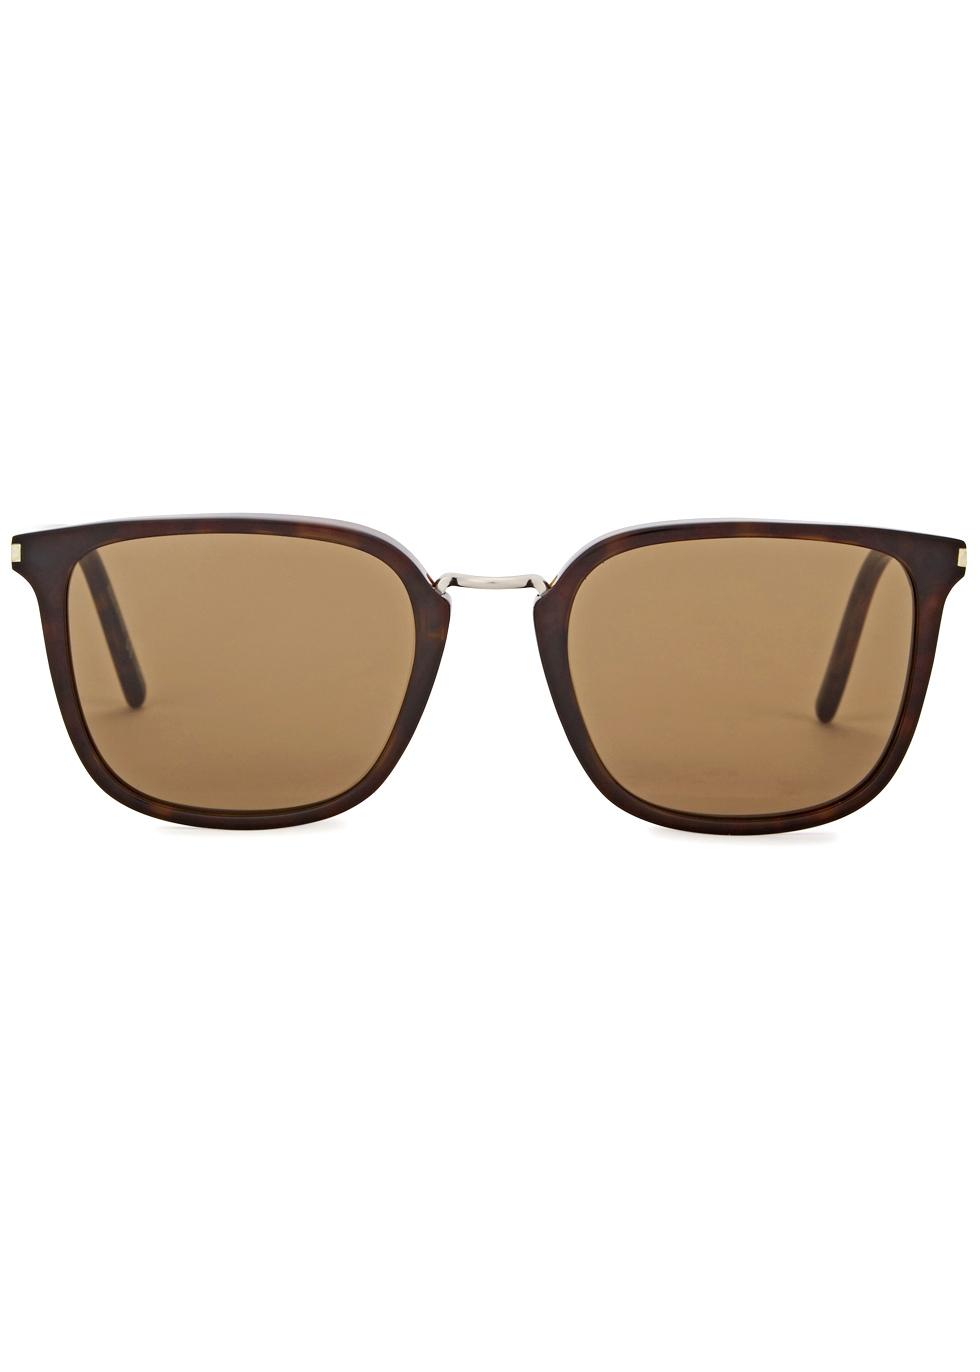 SL 131 tortoiseshell square-frame sunglasses - Saint Laurent